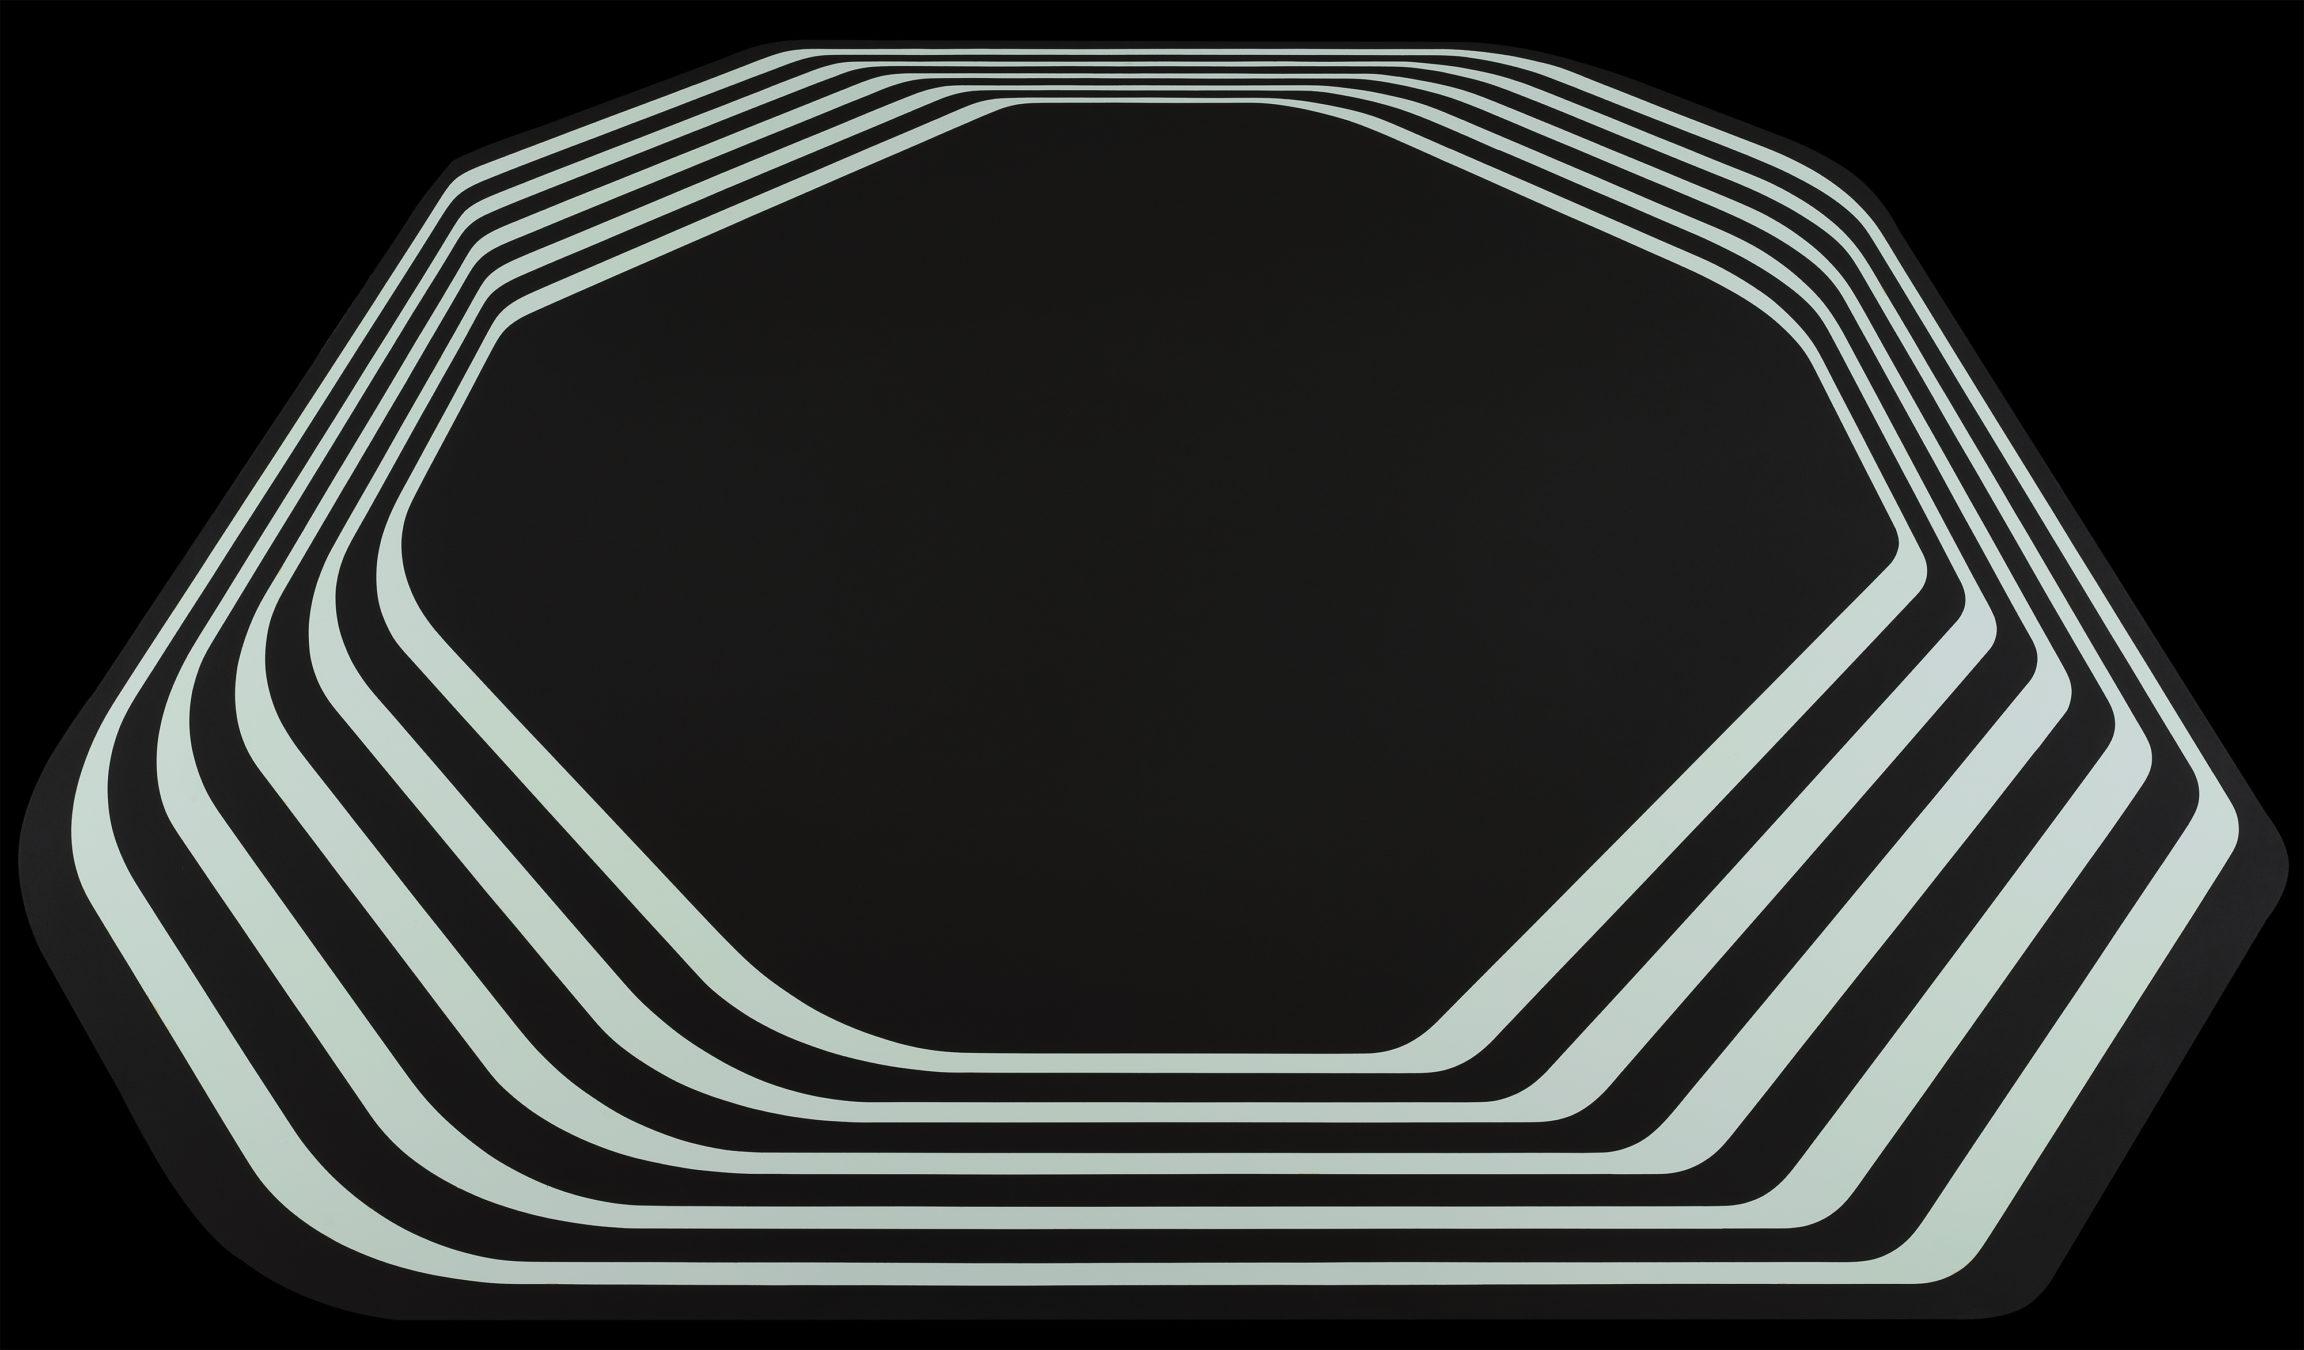 Philippe Decrauzat, Sans titre (Untitled), 2001